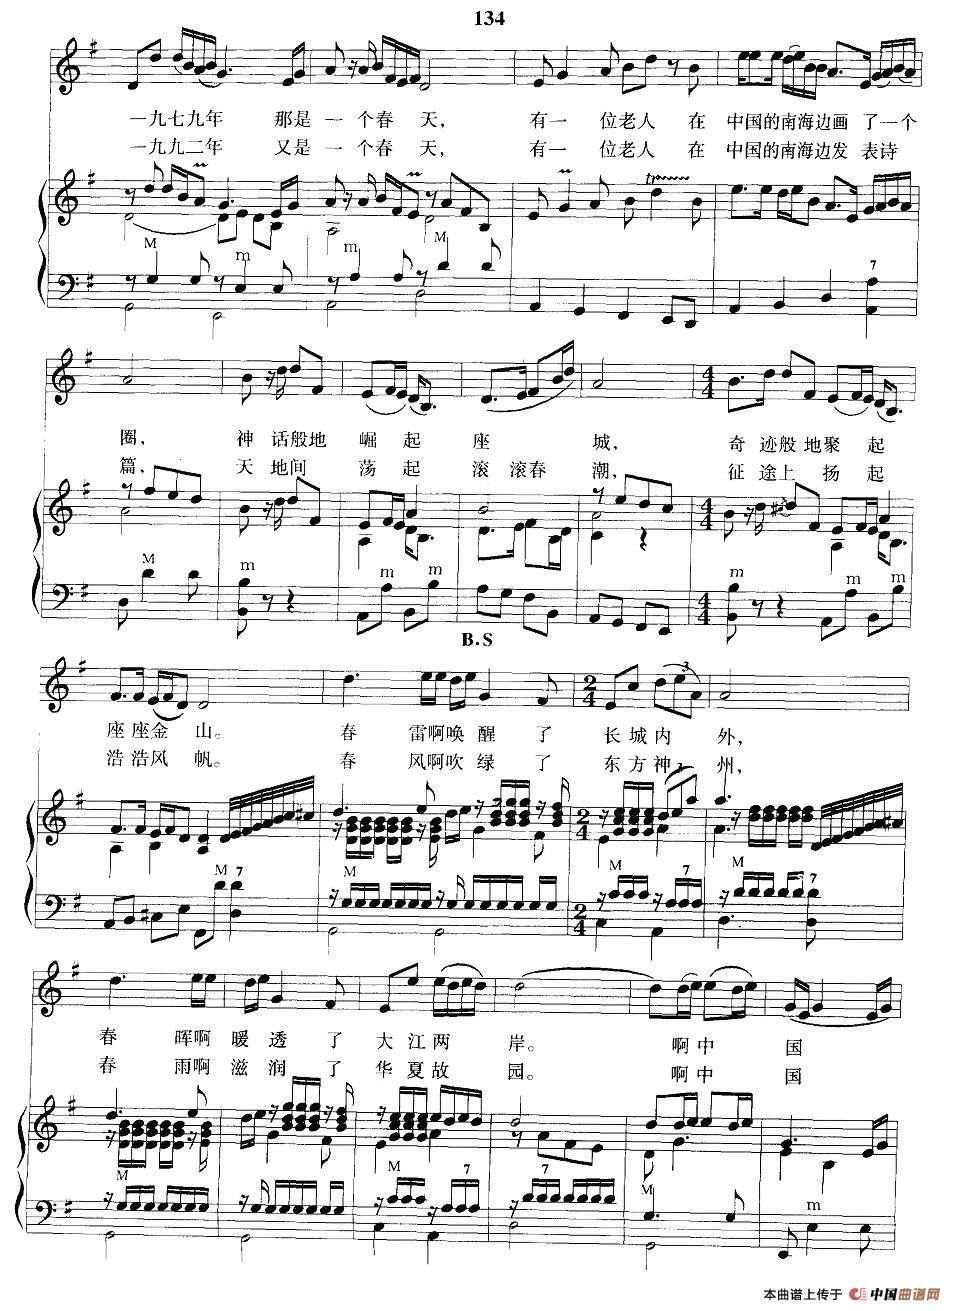 曲谱 春天的故事 手风琴伴奏谱 -春天的故事 手风琴伴奏谱